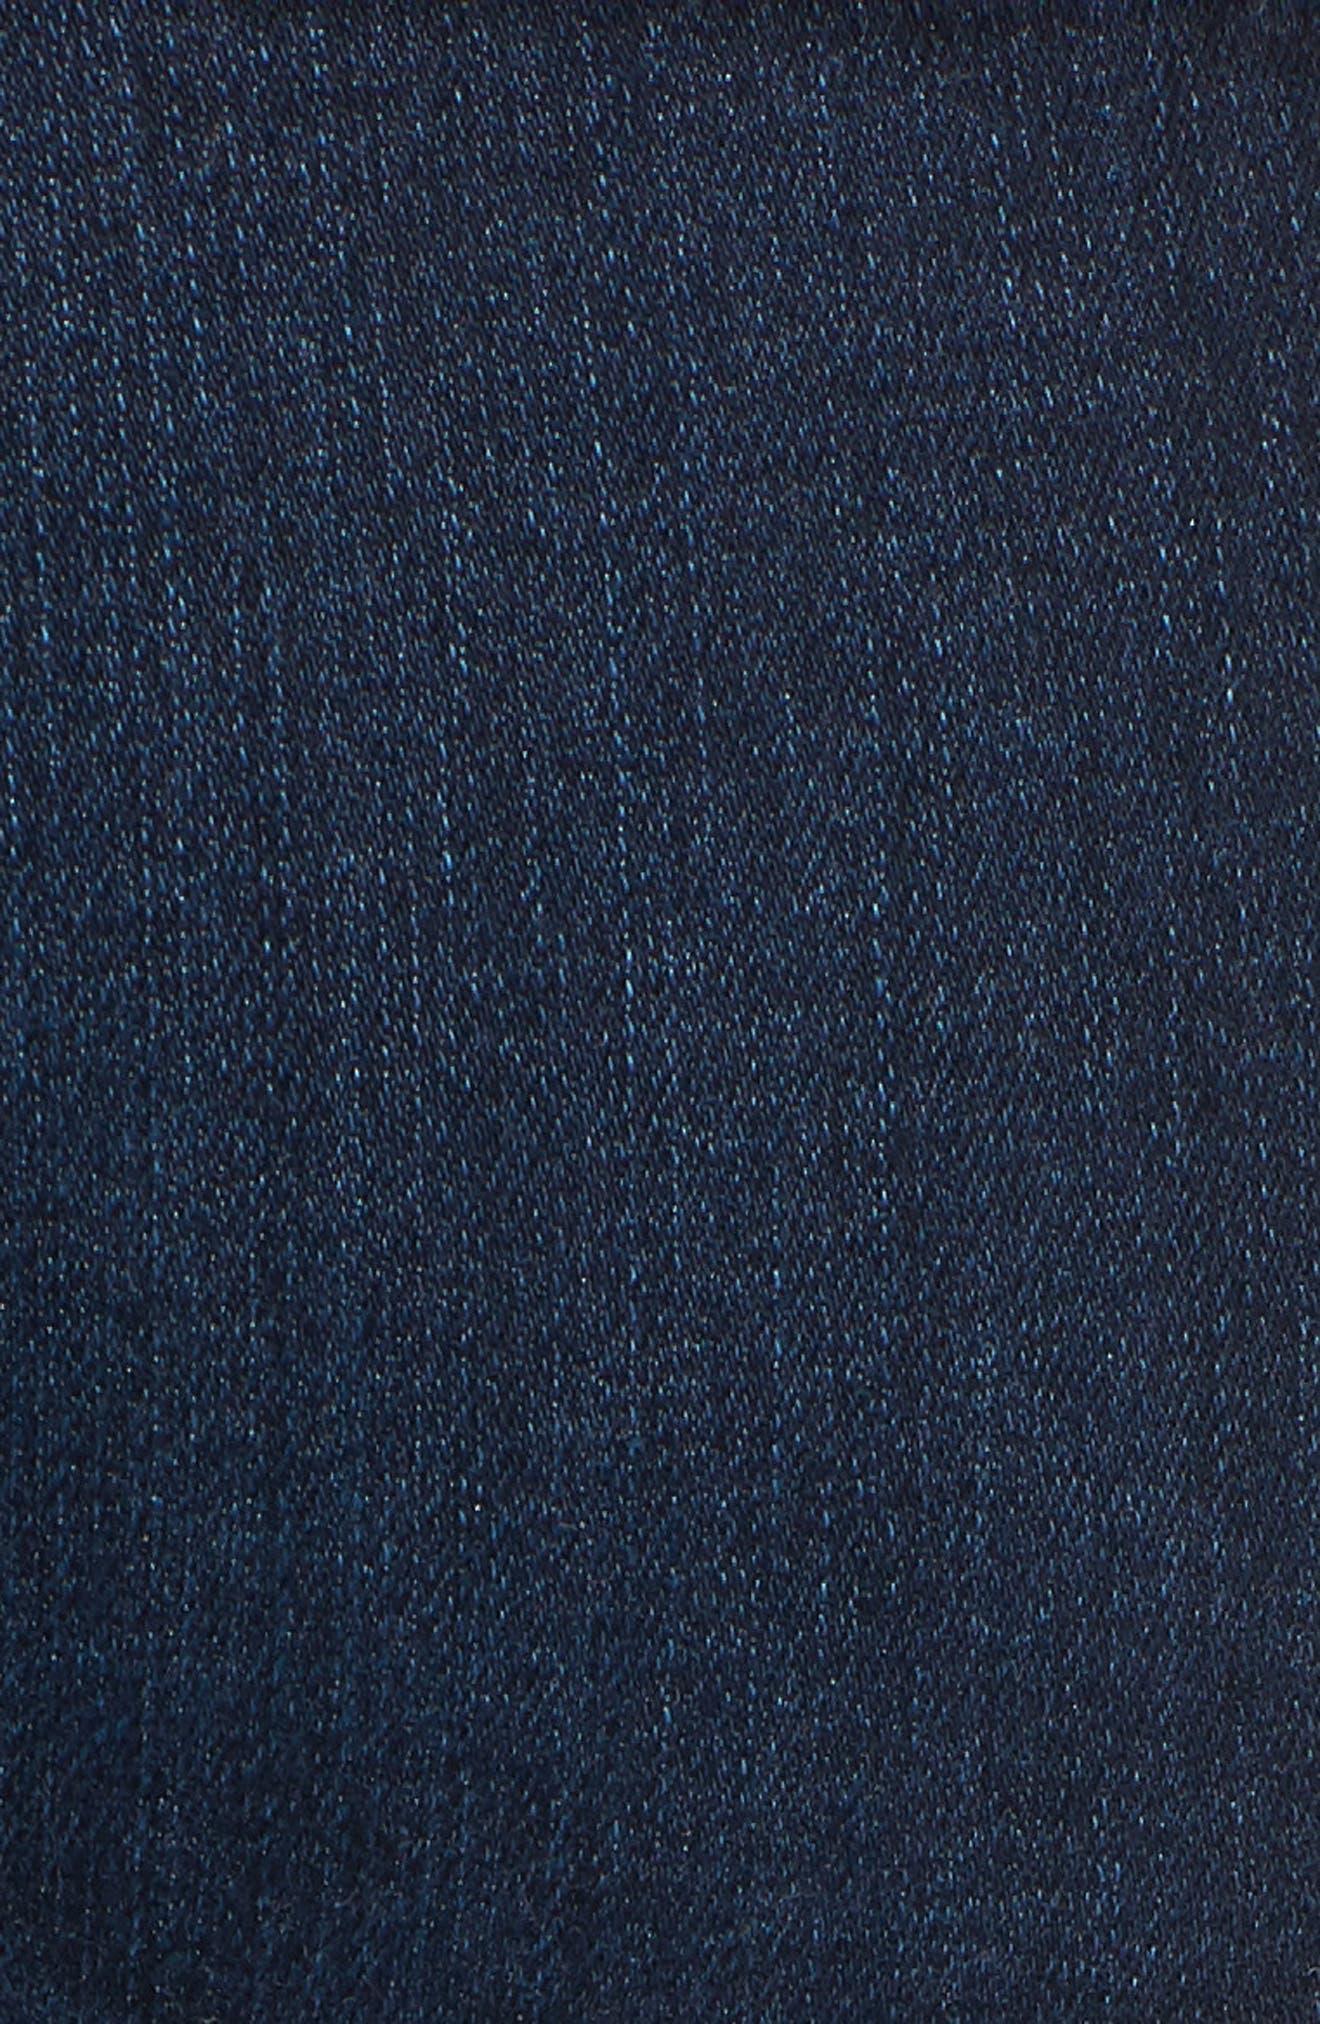 Transcend Vintage - Skyline Crop Skinny Jeans,                             Alternate thumbnail 6, color,                             LUELLA